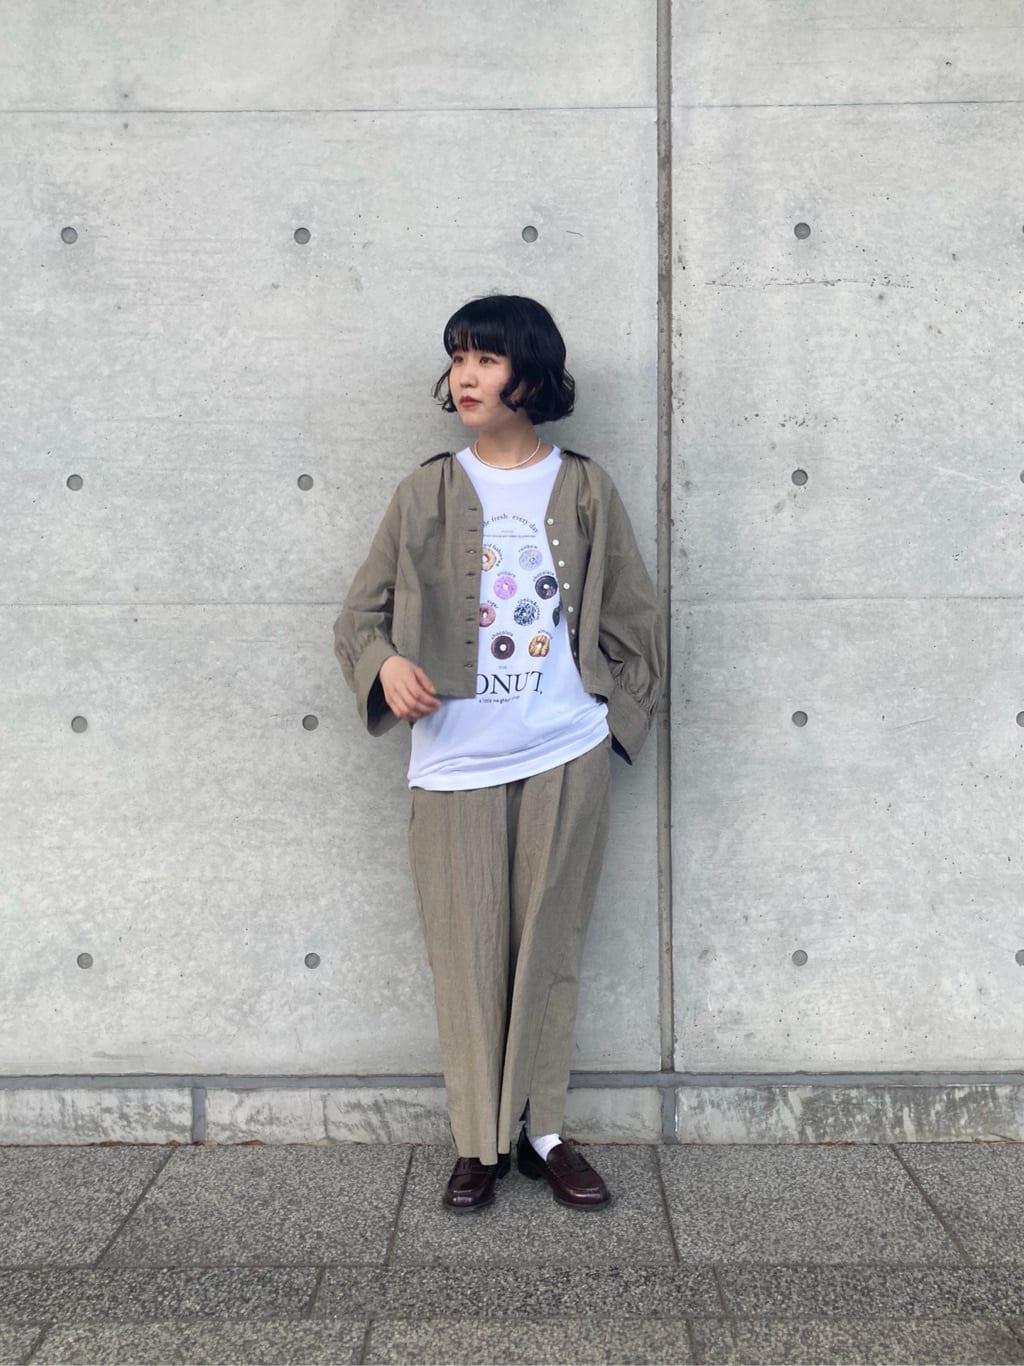 l'atelier du savon 東京スカイツリータウン・ソラマチ 身長:152cm 2021.08.23